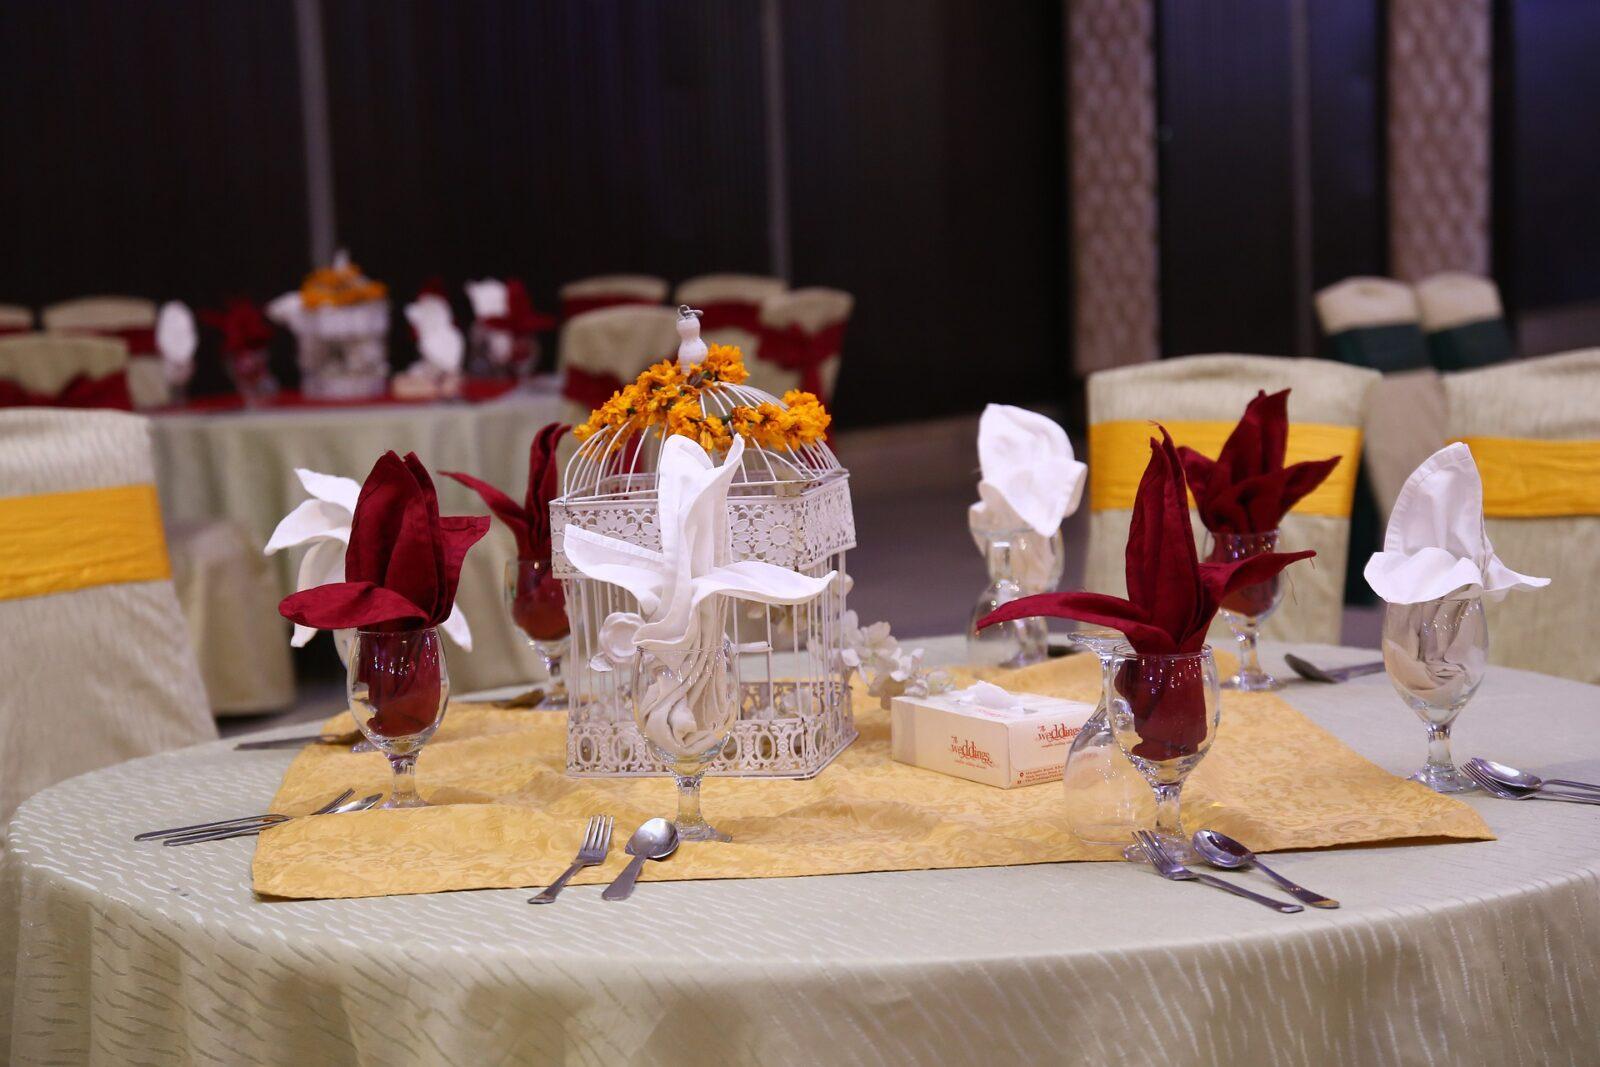 Спецкомиссия разрешила проводить свадьбы в банкетных залах еще с 1 октября